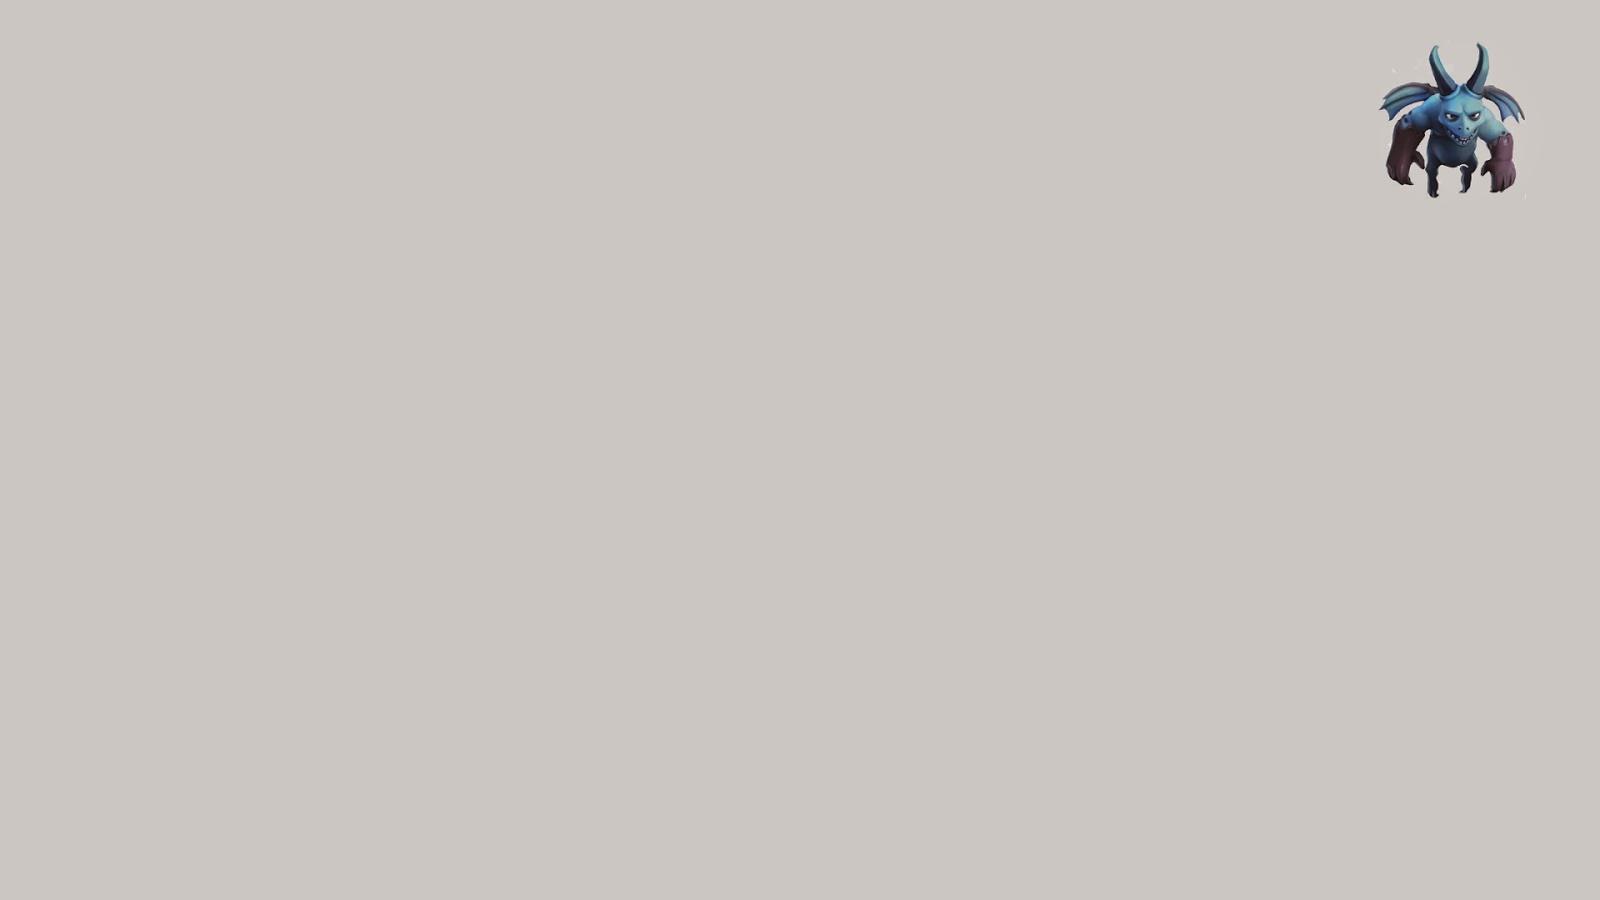 minion  u2013 minimalistic clash of clans hd wallpaper